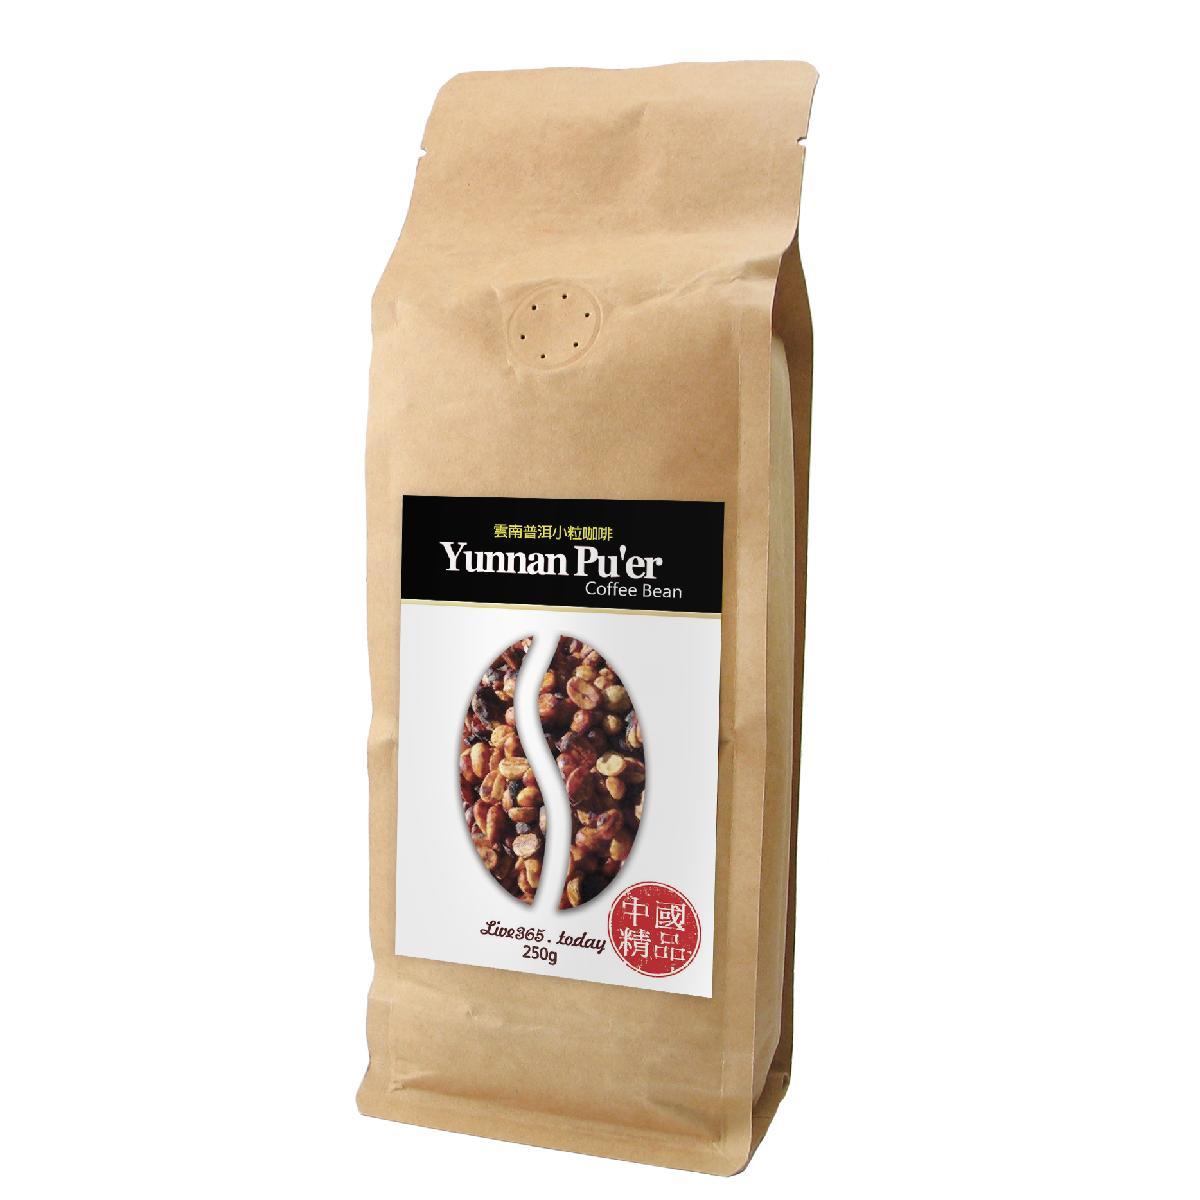 雲南普洱咖啡豆 100%阿拉比卡